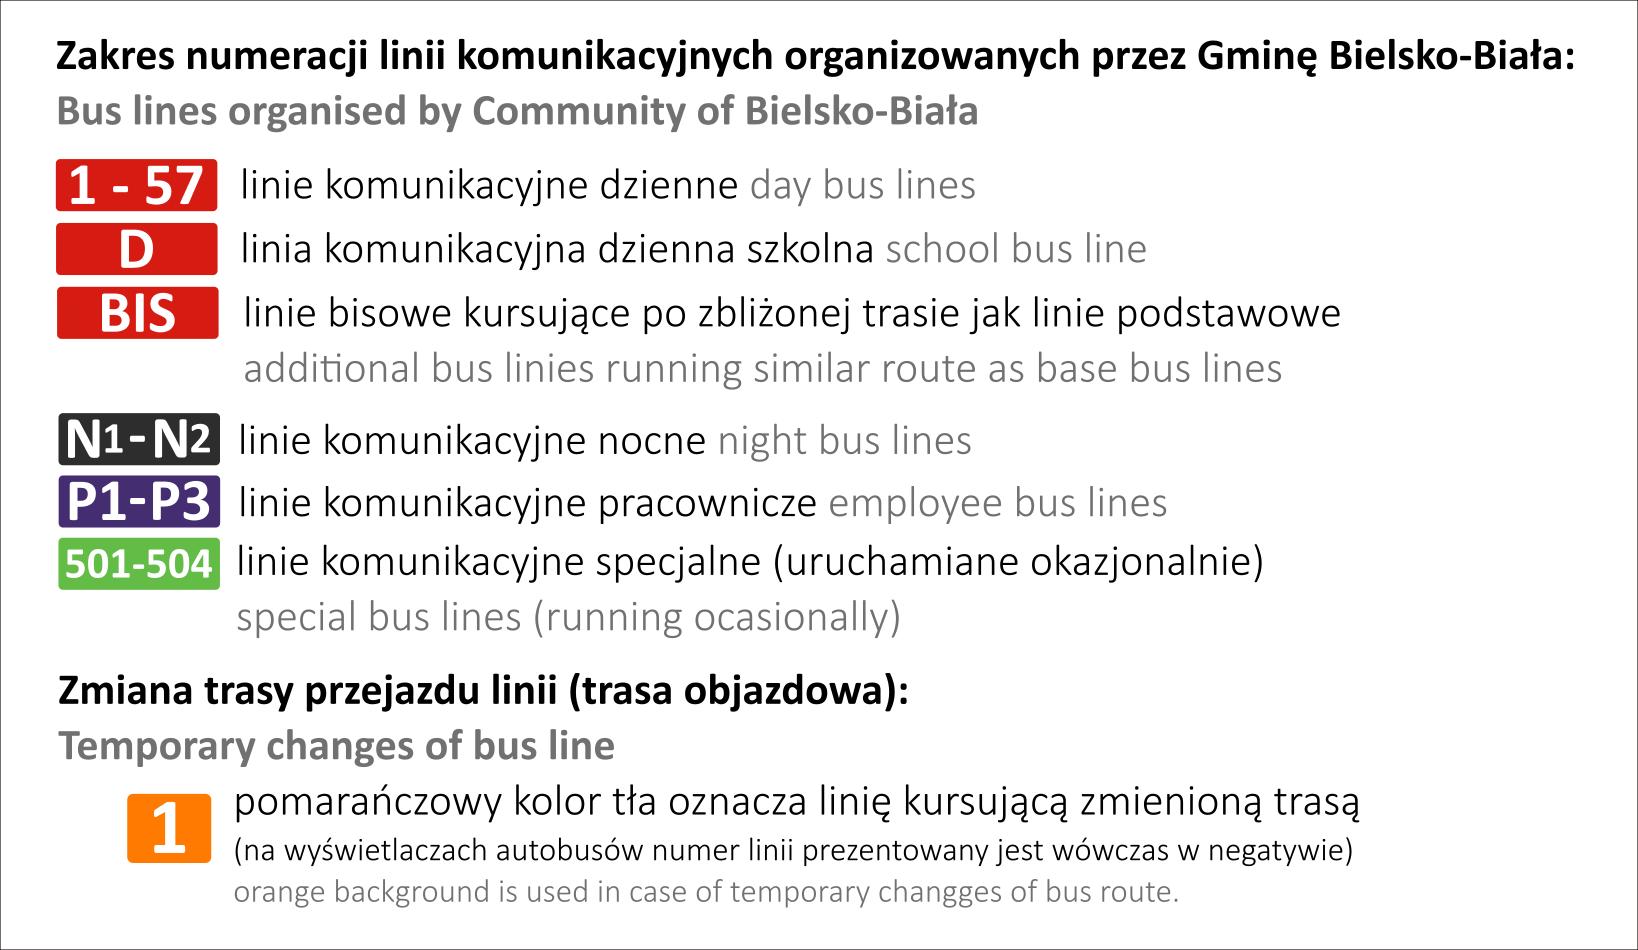 Numeracja linii